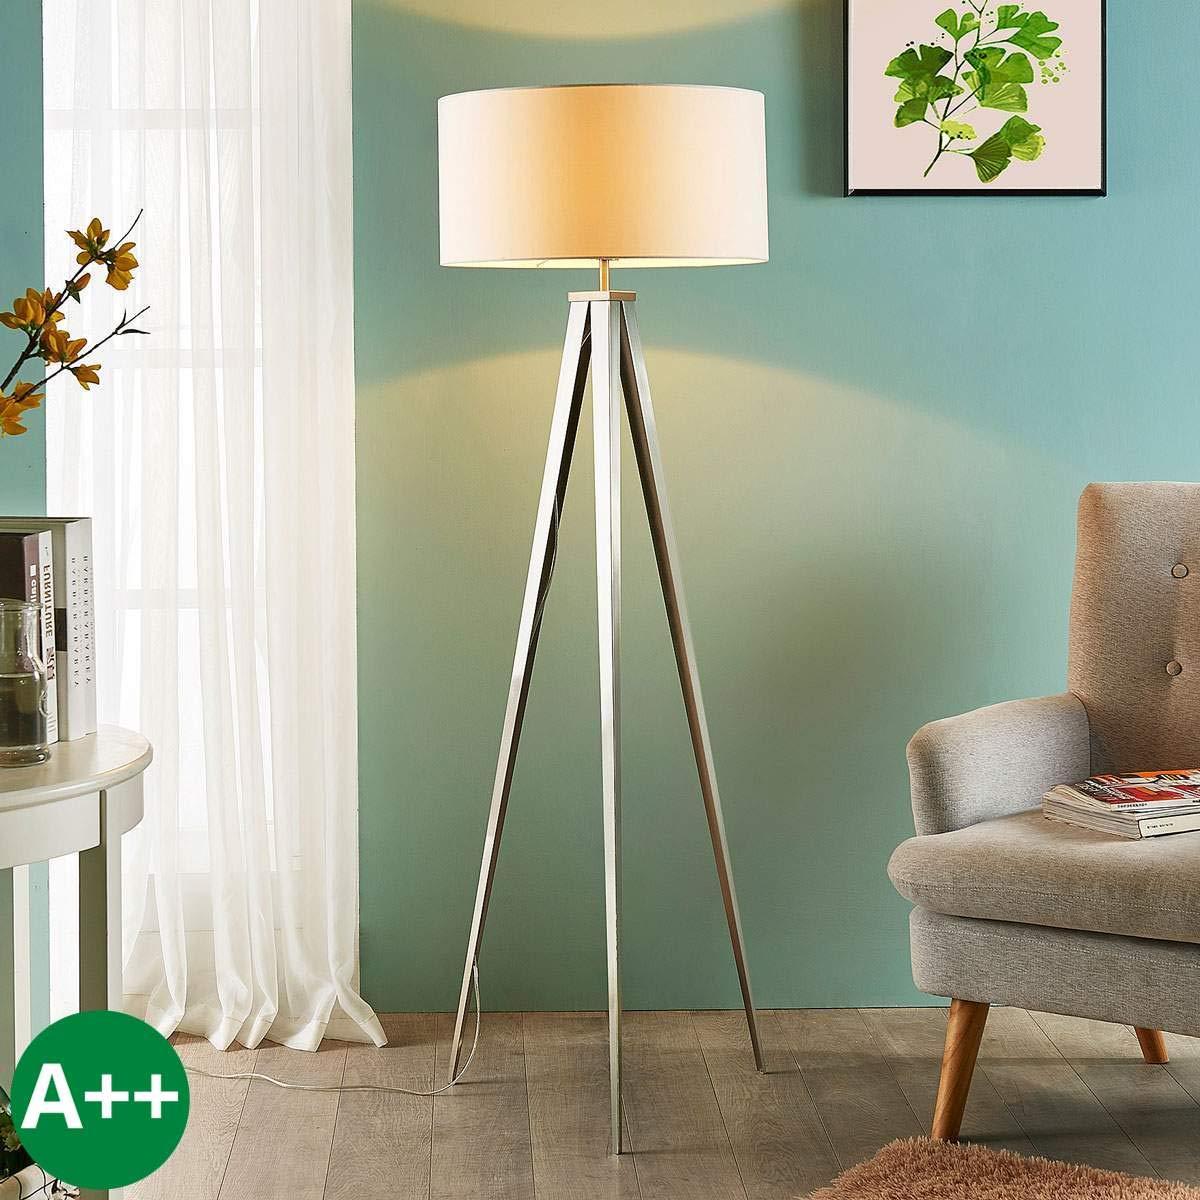 Lampenwelt Dreibein Stehlampe 'Benik' (Modern) in Weiß aus Textil u.a. für Wohnzimmer & Esszimmer (1 flammig, E27, A++) | Stehleuchte, Floor Lamp, Standleuchte, Wohnzimmerlampe, Tripod